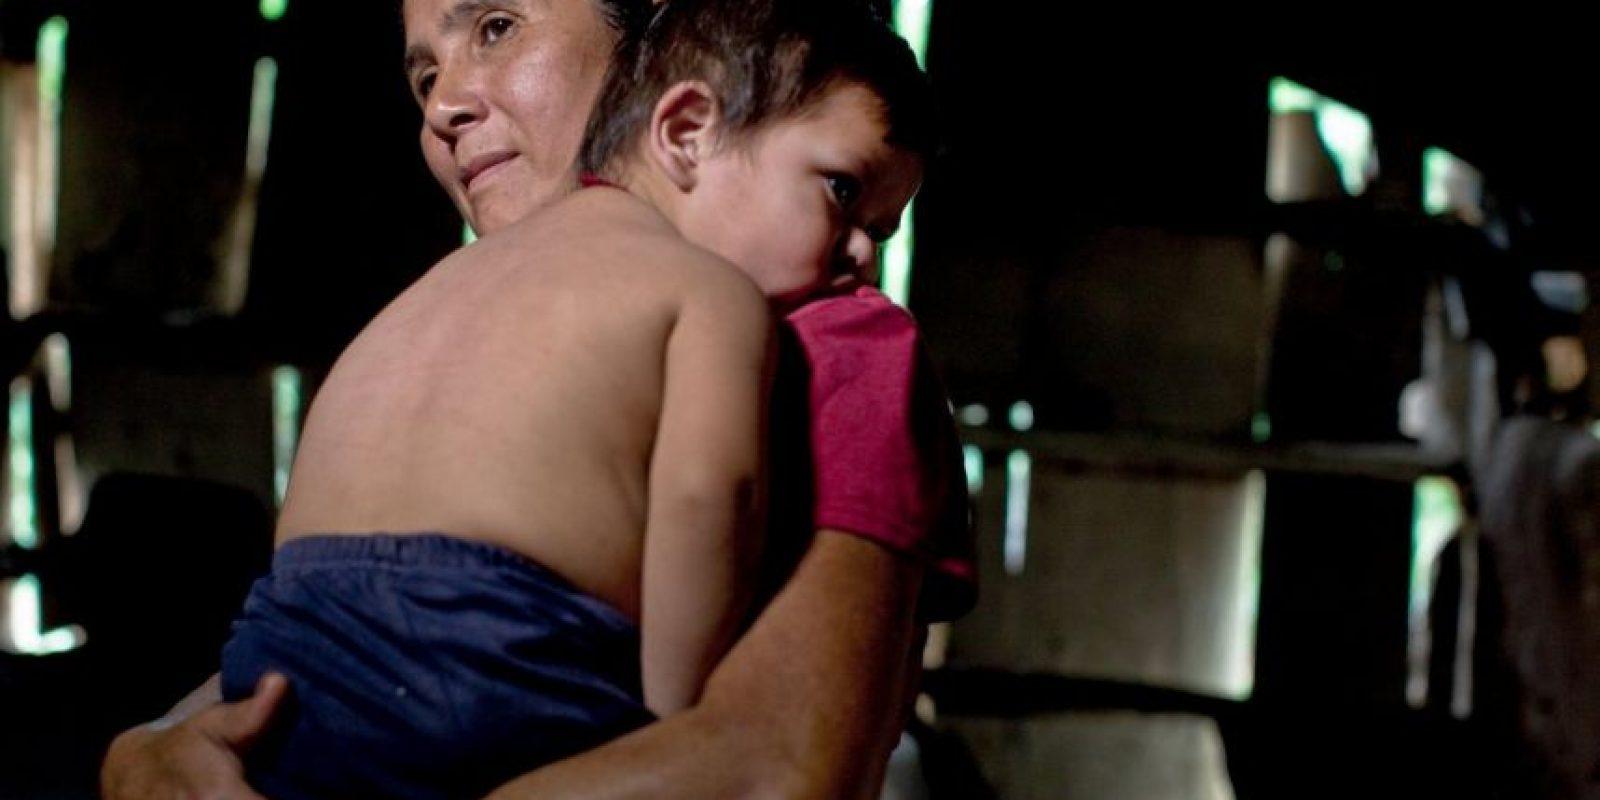 La familia y los vecinos piden justicia. Foto:Getty Images